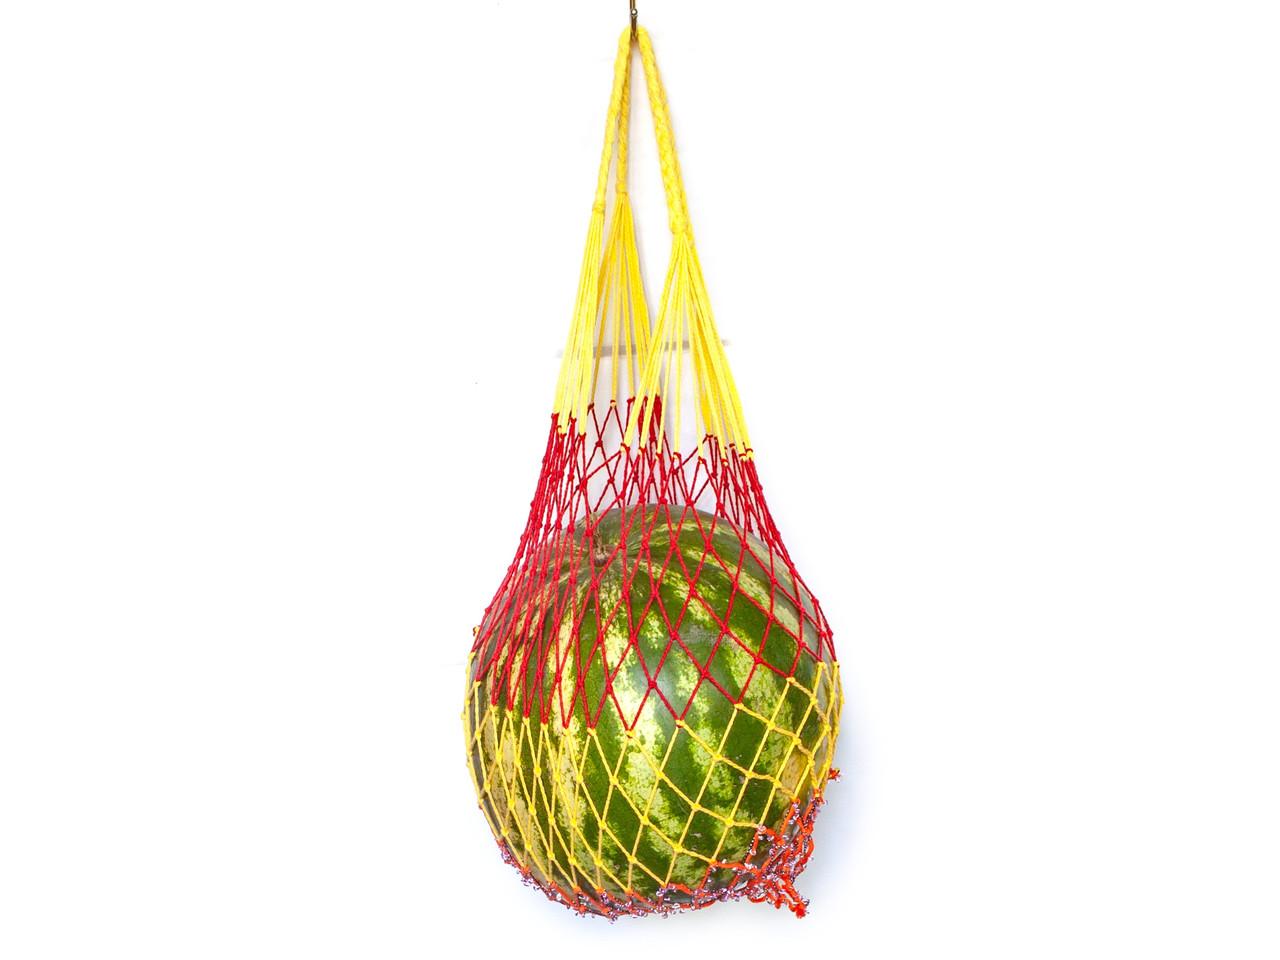 Сумка для дыни - Овощная сумка - Шоппер сумка - Сумка для Арбуза - Эко сумка - Эксклюзивная Французская сумка